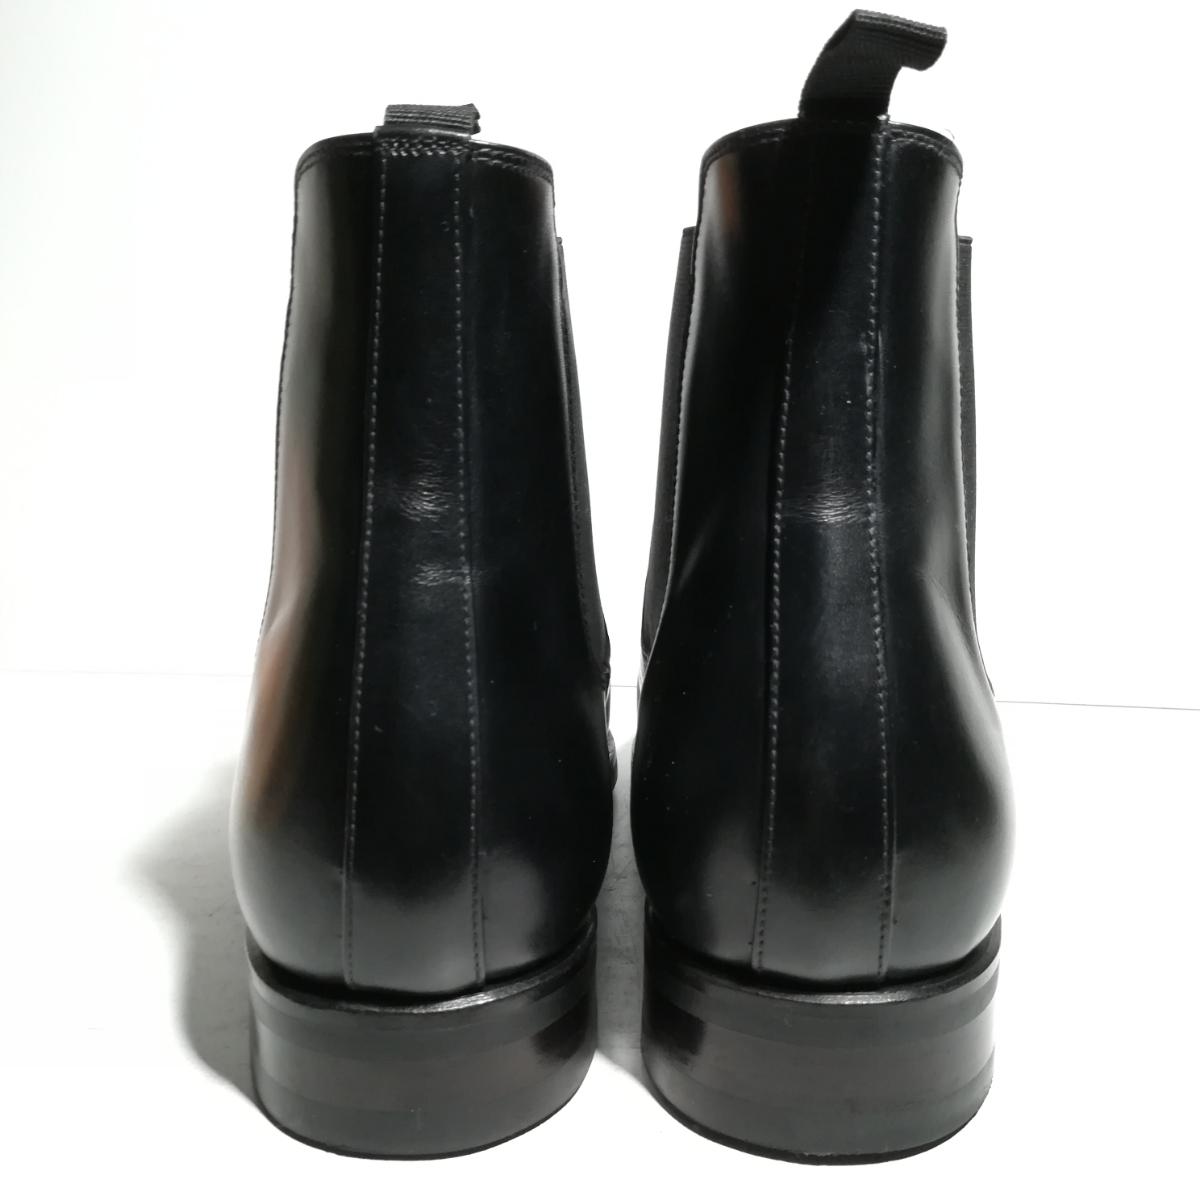 560 新品同様 ★ヤンコ YANKO★ サイドゴアブーツ 9 1/2 28.0cm 黒 ドレスシューズ 革靴_画像3